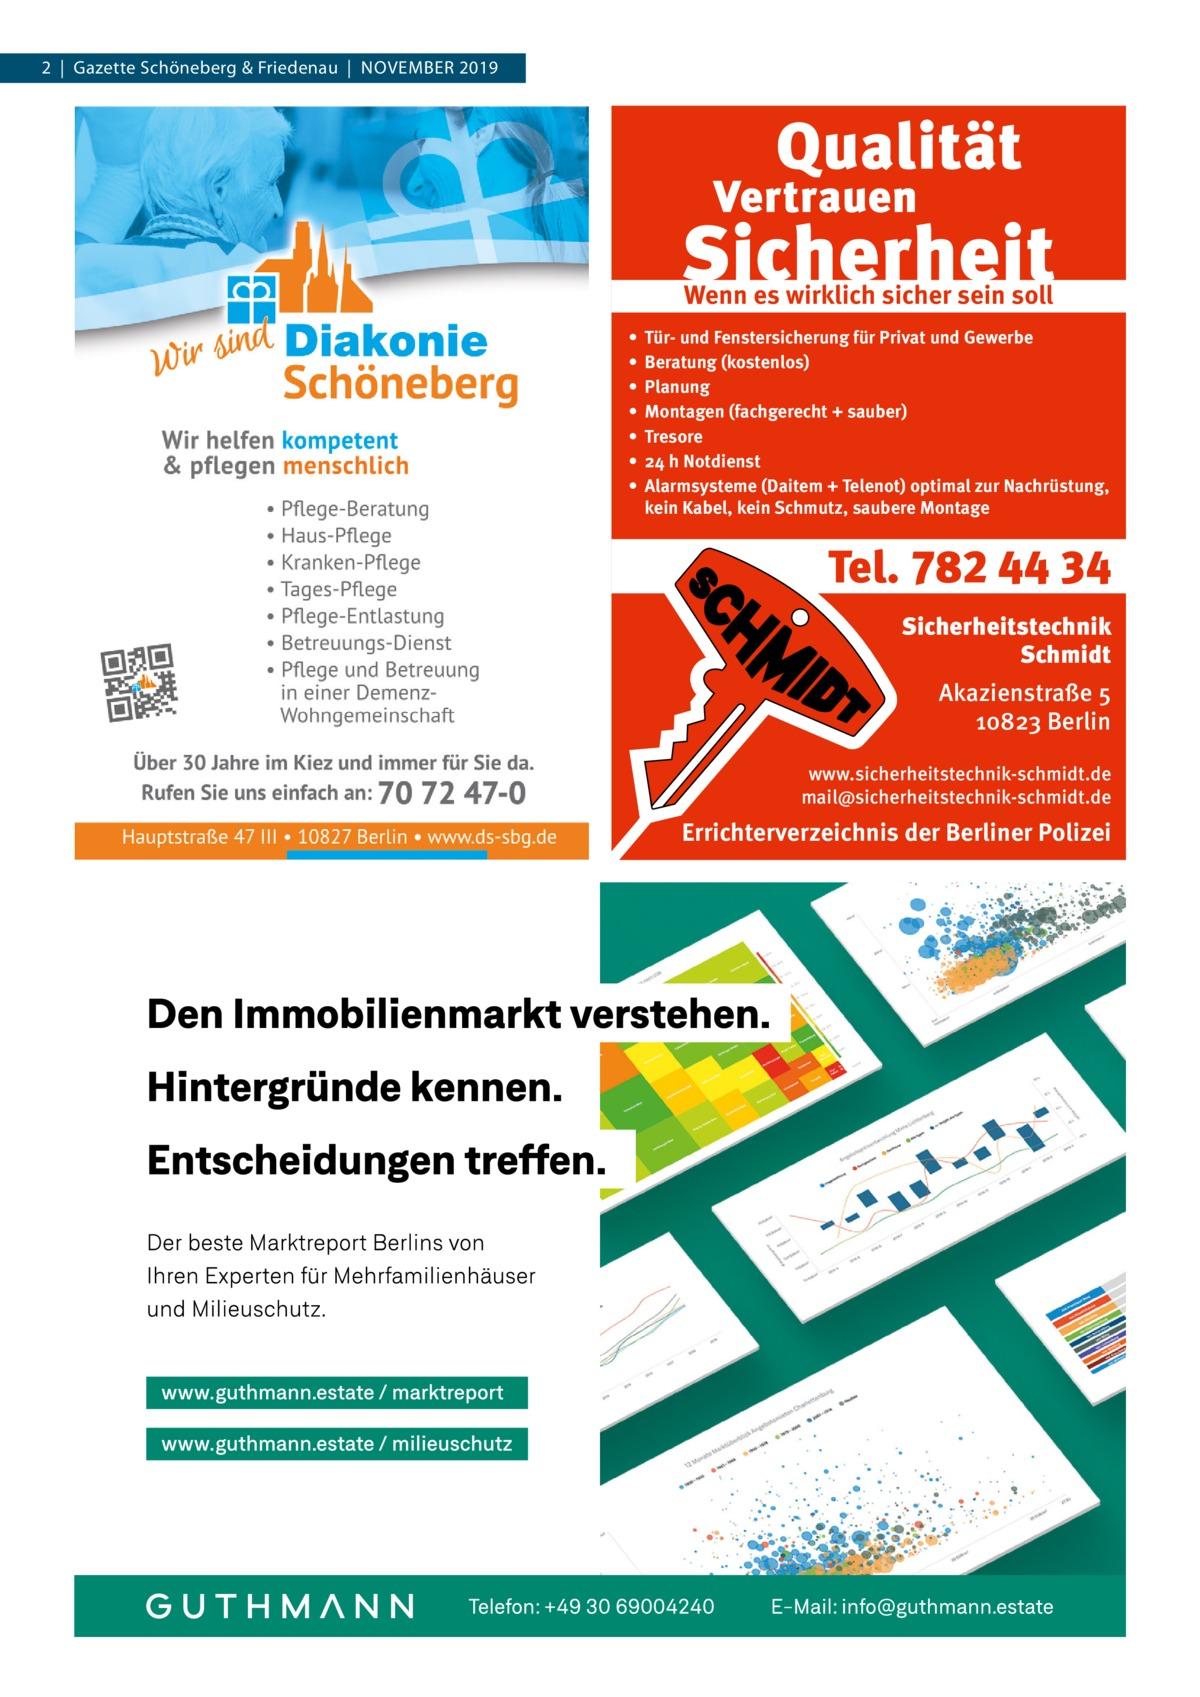 2|Gazette Schöneberg & Friedenau|November 2019  Wenn es wirklich sicher sein soll • • • • • • •  Tür- und Fenstersicherung für Privat und Gewerbe Beratung (kostenlos) Planung Montagen (fachgerecht + sauber) Tresore 24 h Notdienst Alarmsysteme (Daitem + Telenot) optimal zur Nachrüstung, kein Kabel, kein Schmutz, saubere Montage  Tel. 782 44 34 Sicherheitstechnik Schmidt Akazienstraße 5 10823 Berlin www.sicherheitstechnik-schmidt.de mail@sicherheitstechnik-schmidt.de  Errichterverzeichnis der Berliner Polizei